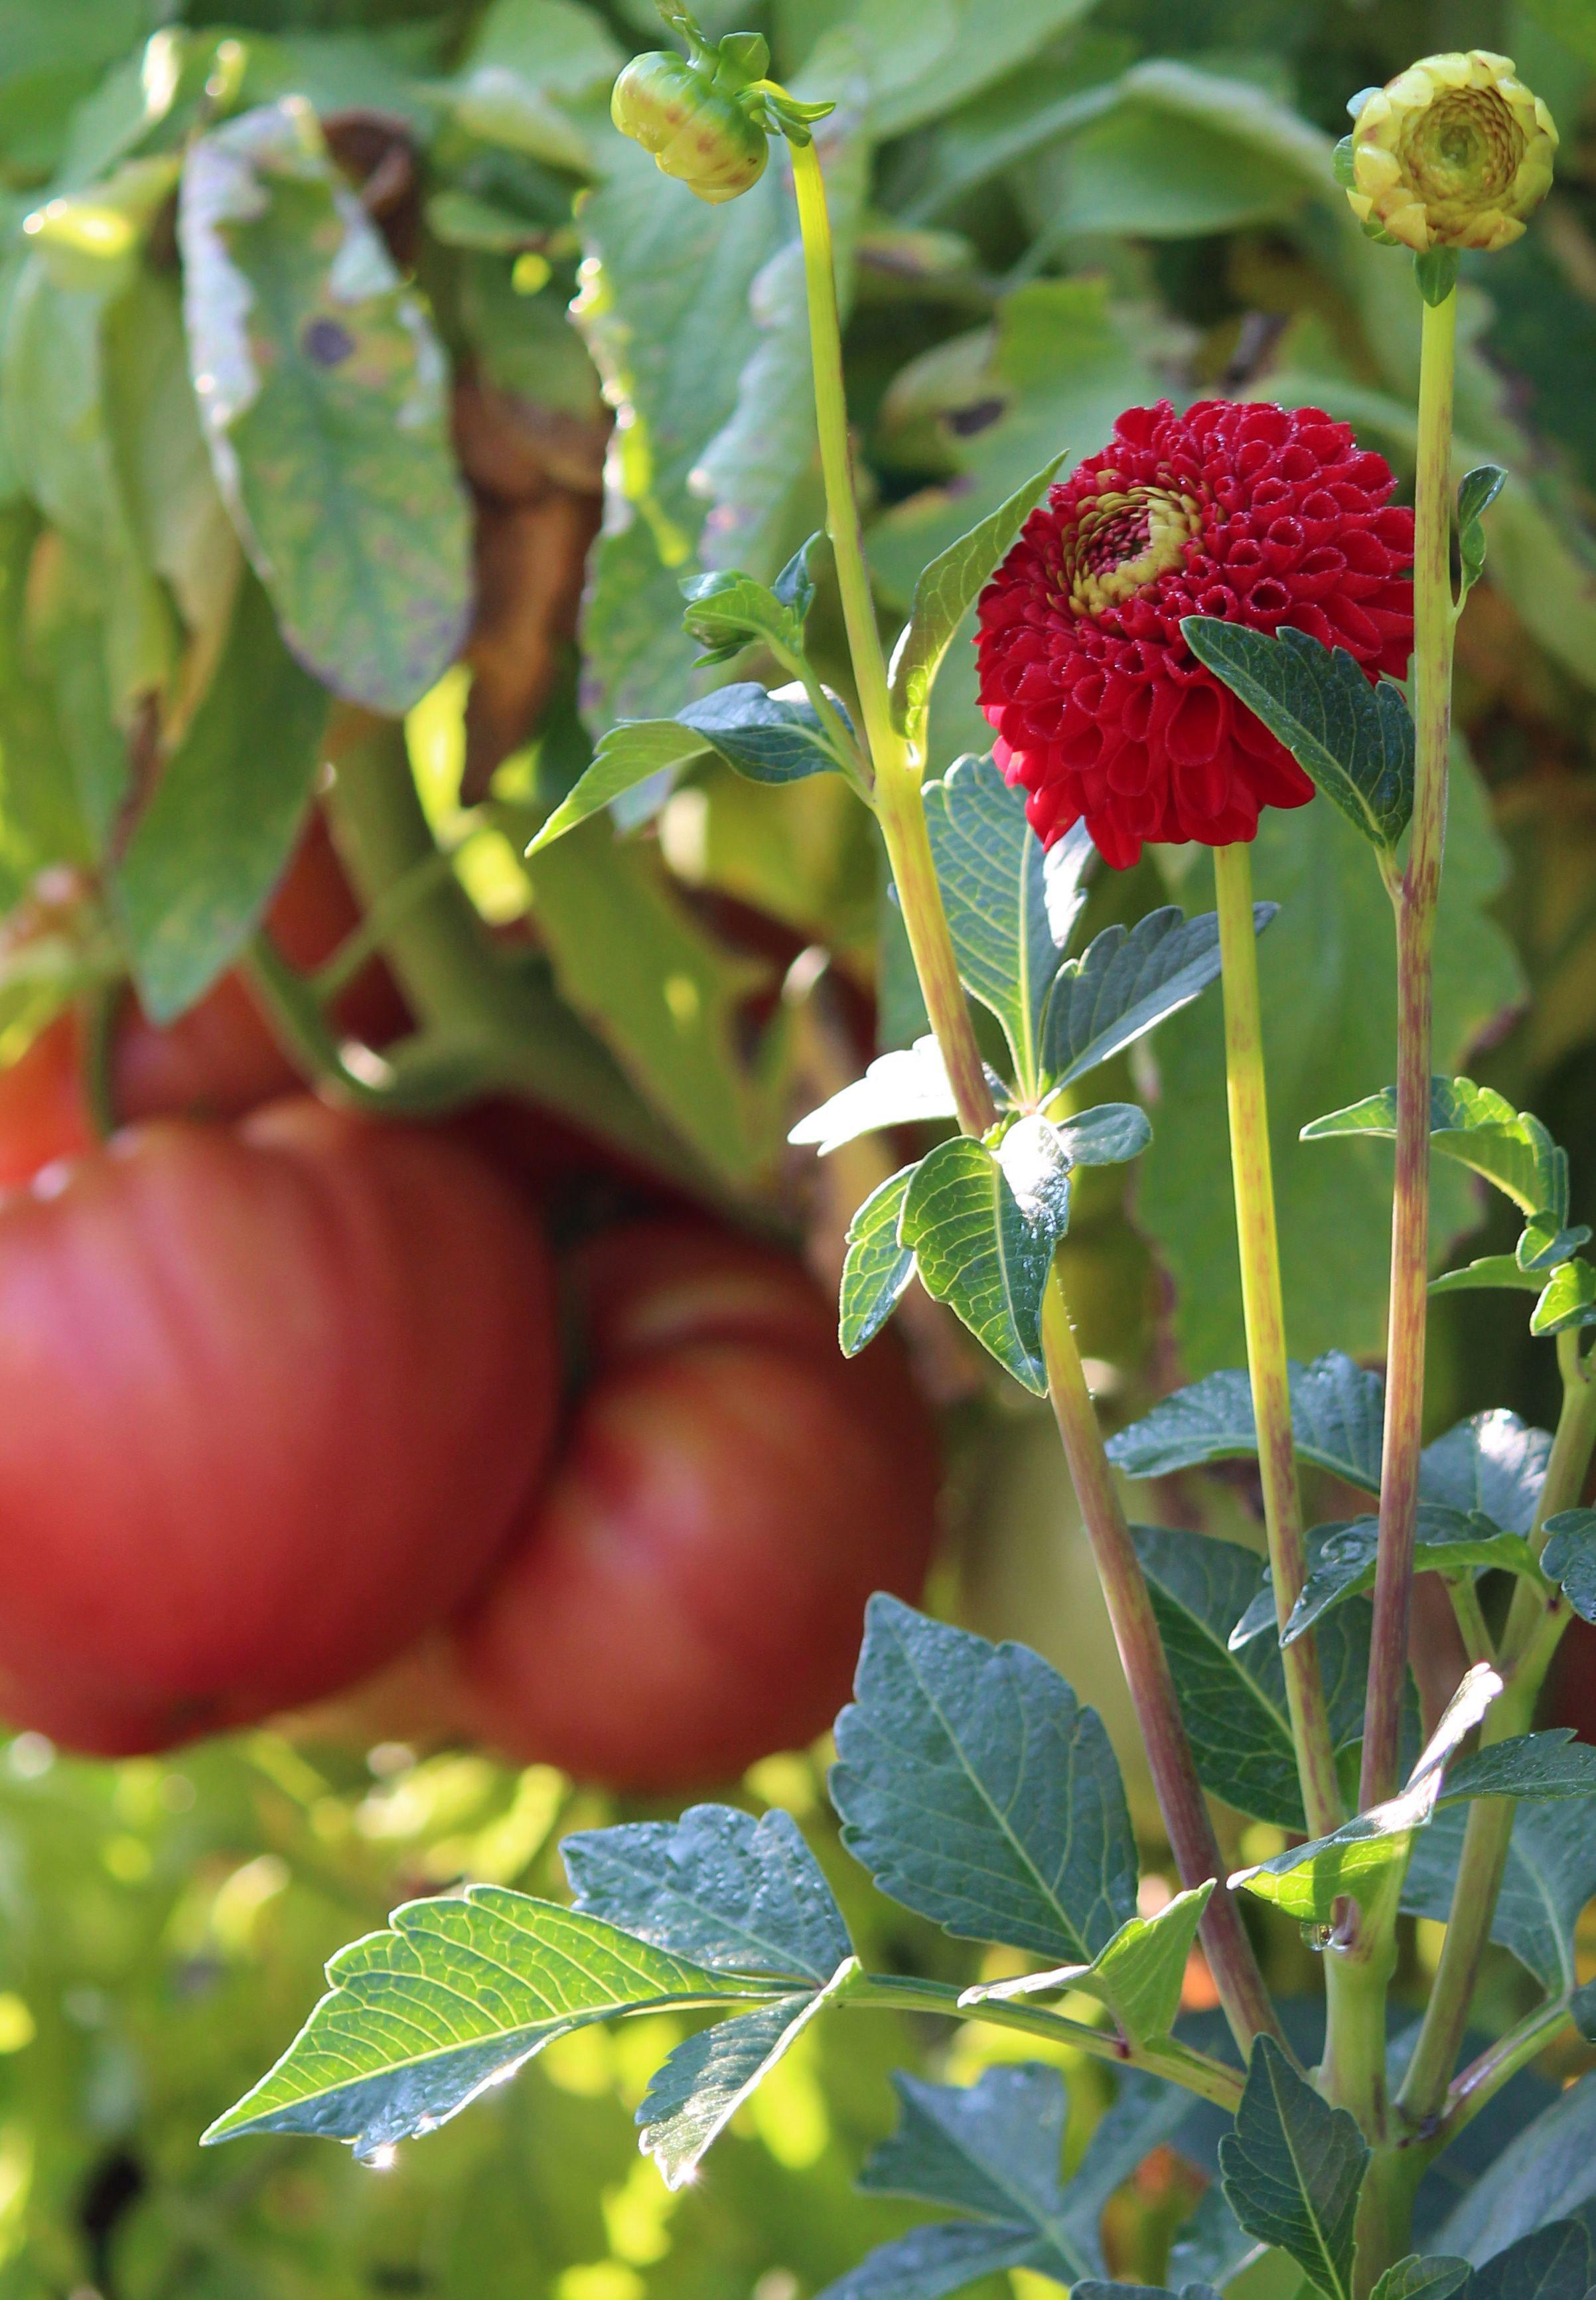 Tomatoes_BoomBoomRed